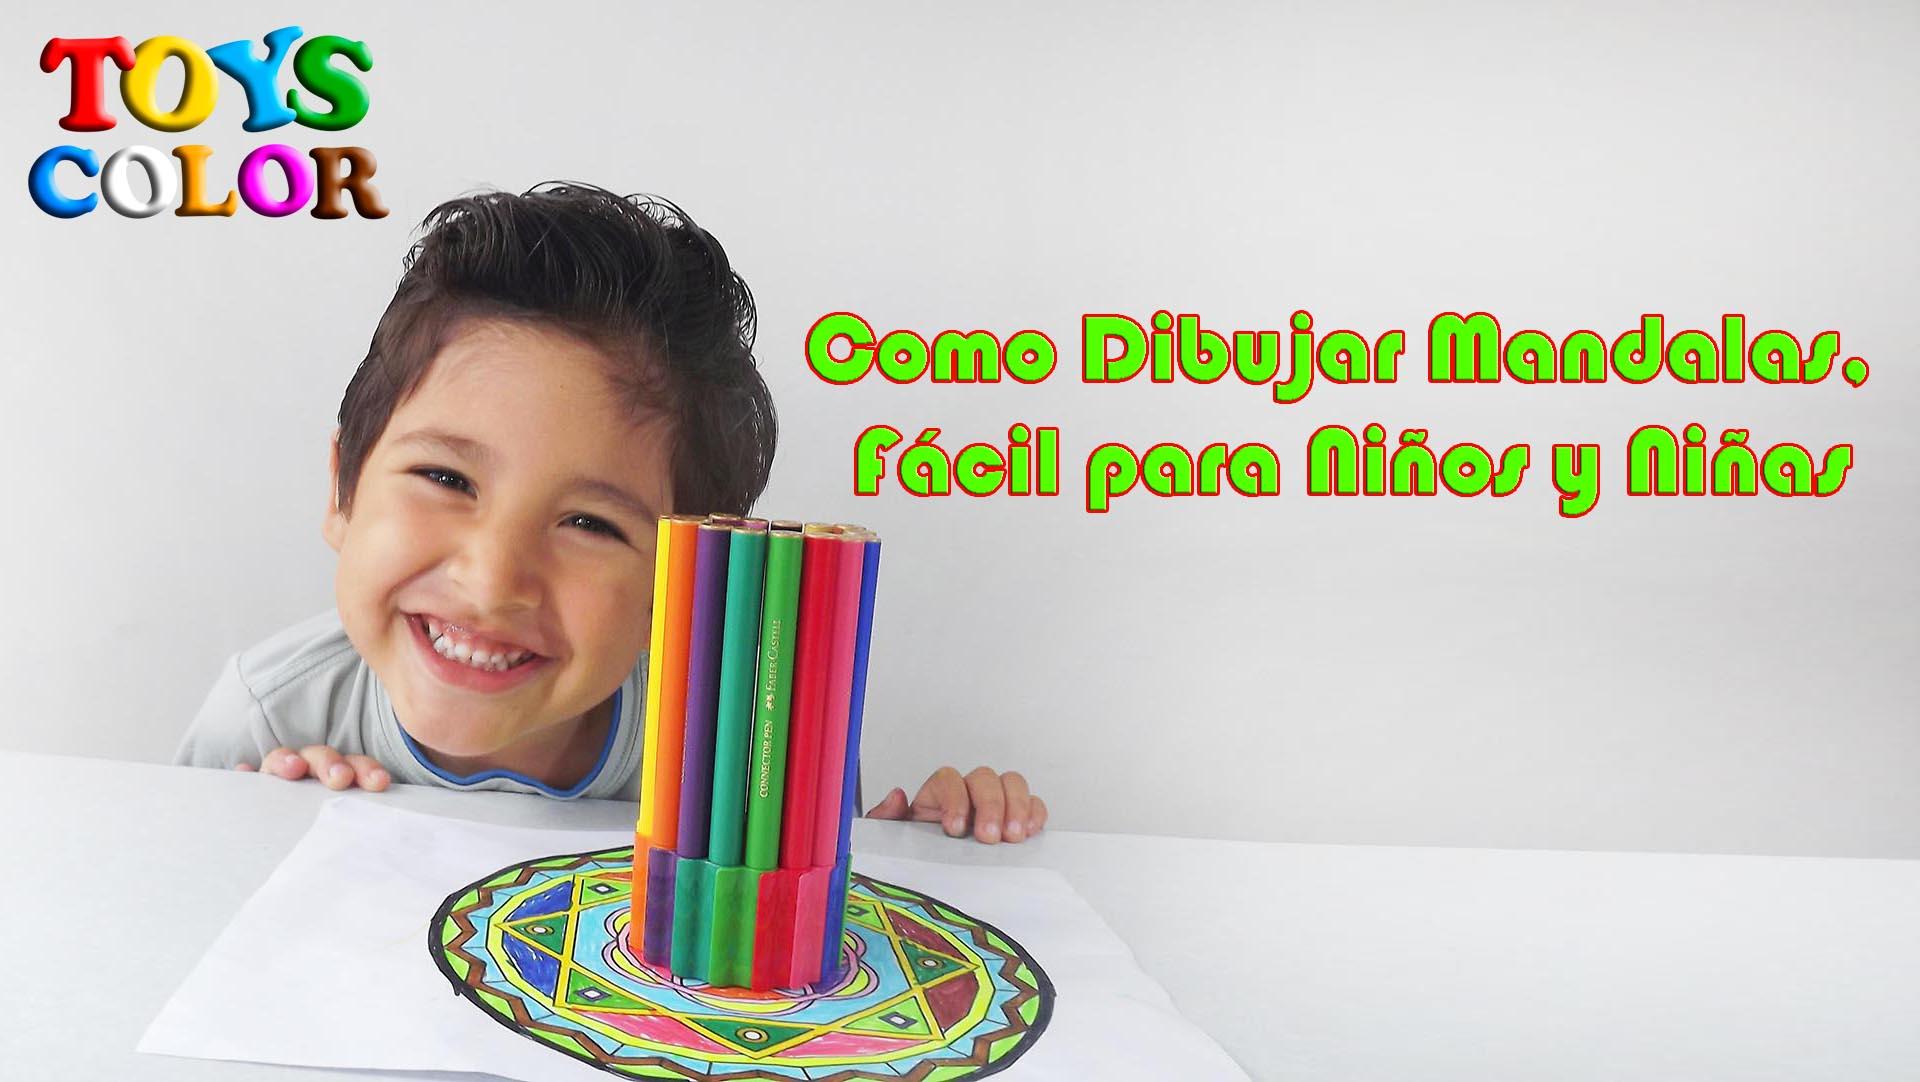 Como Dibujar Mandalas, How to Draw Mandalas, Dibujo Mandala Fácil para Niños y Niñas, ToysColor